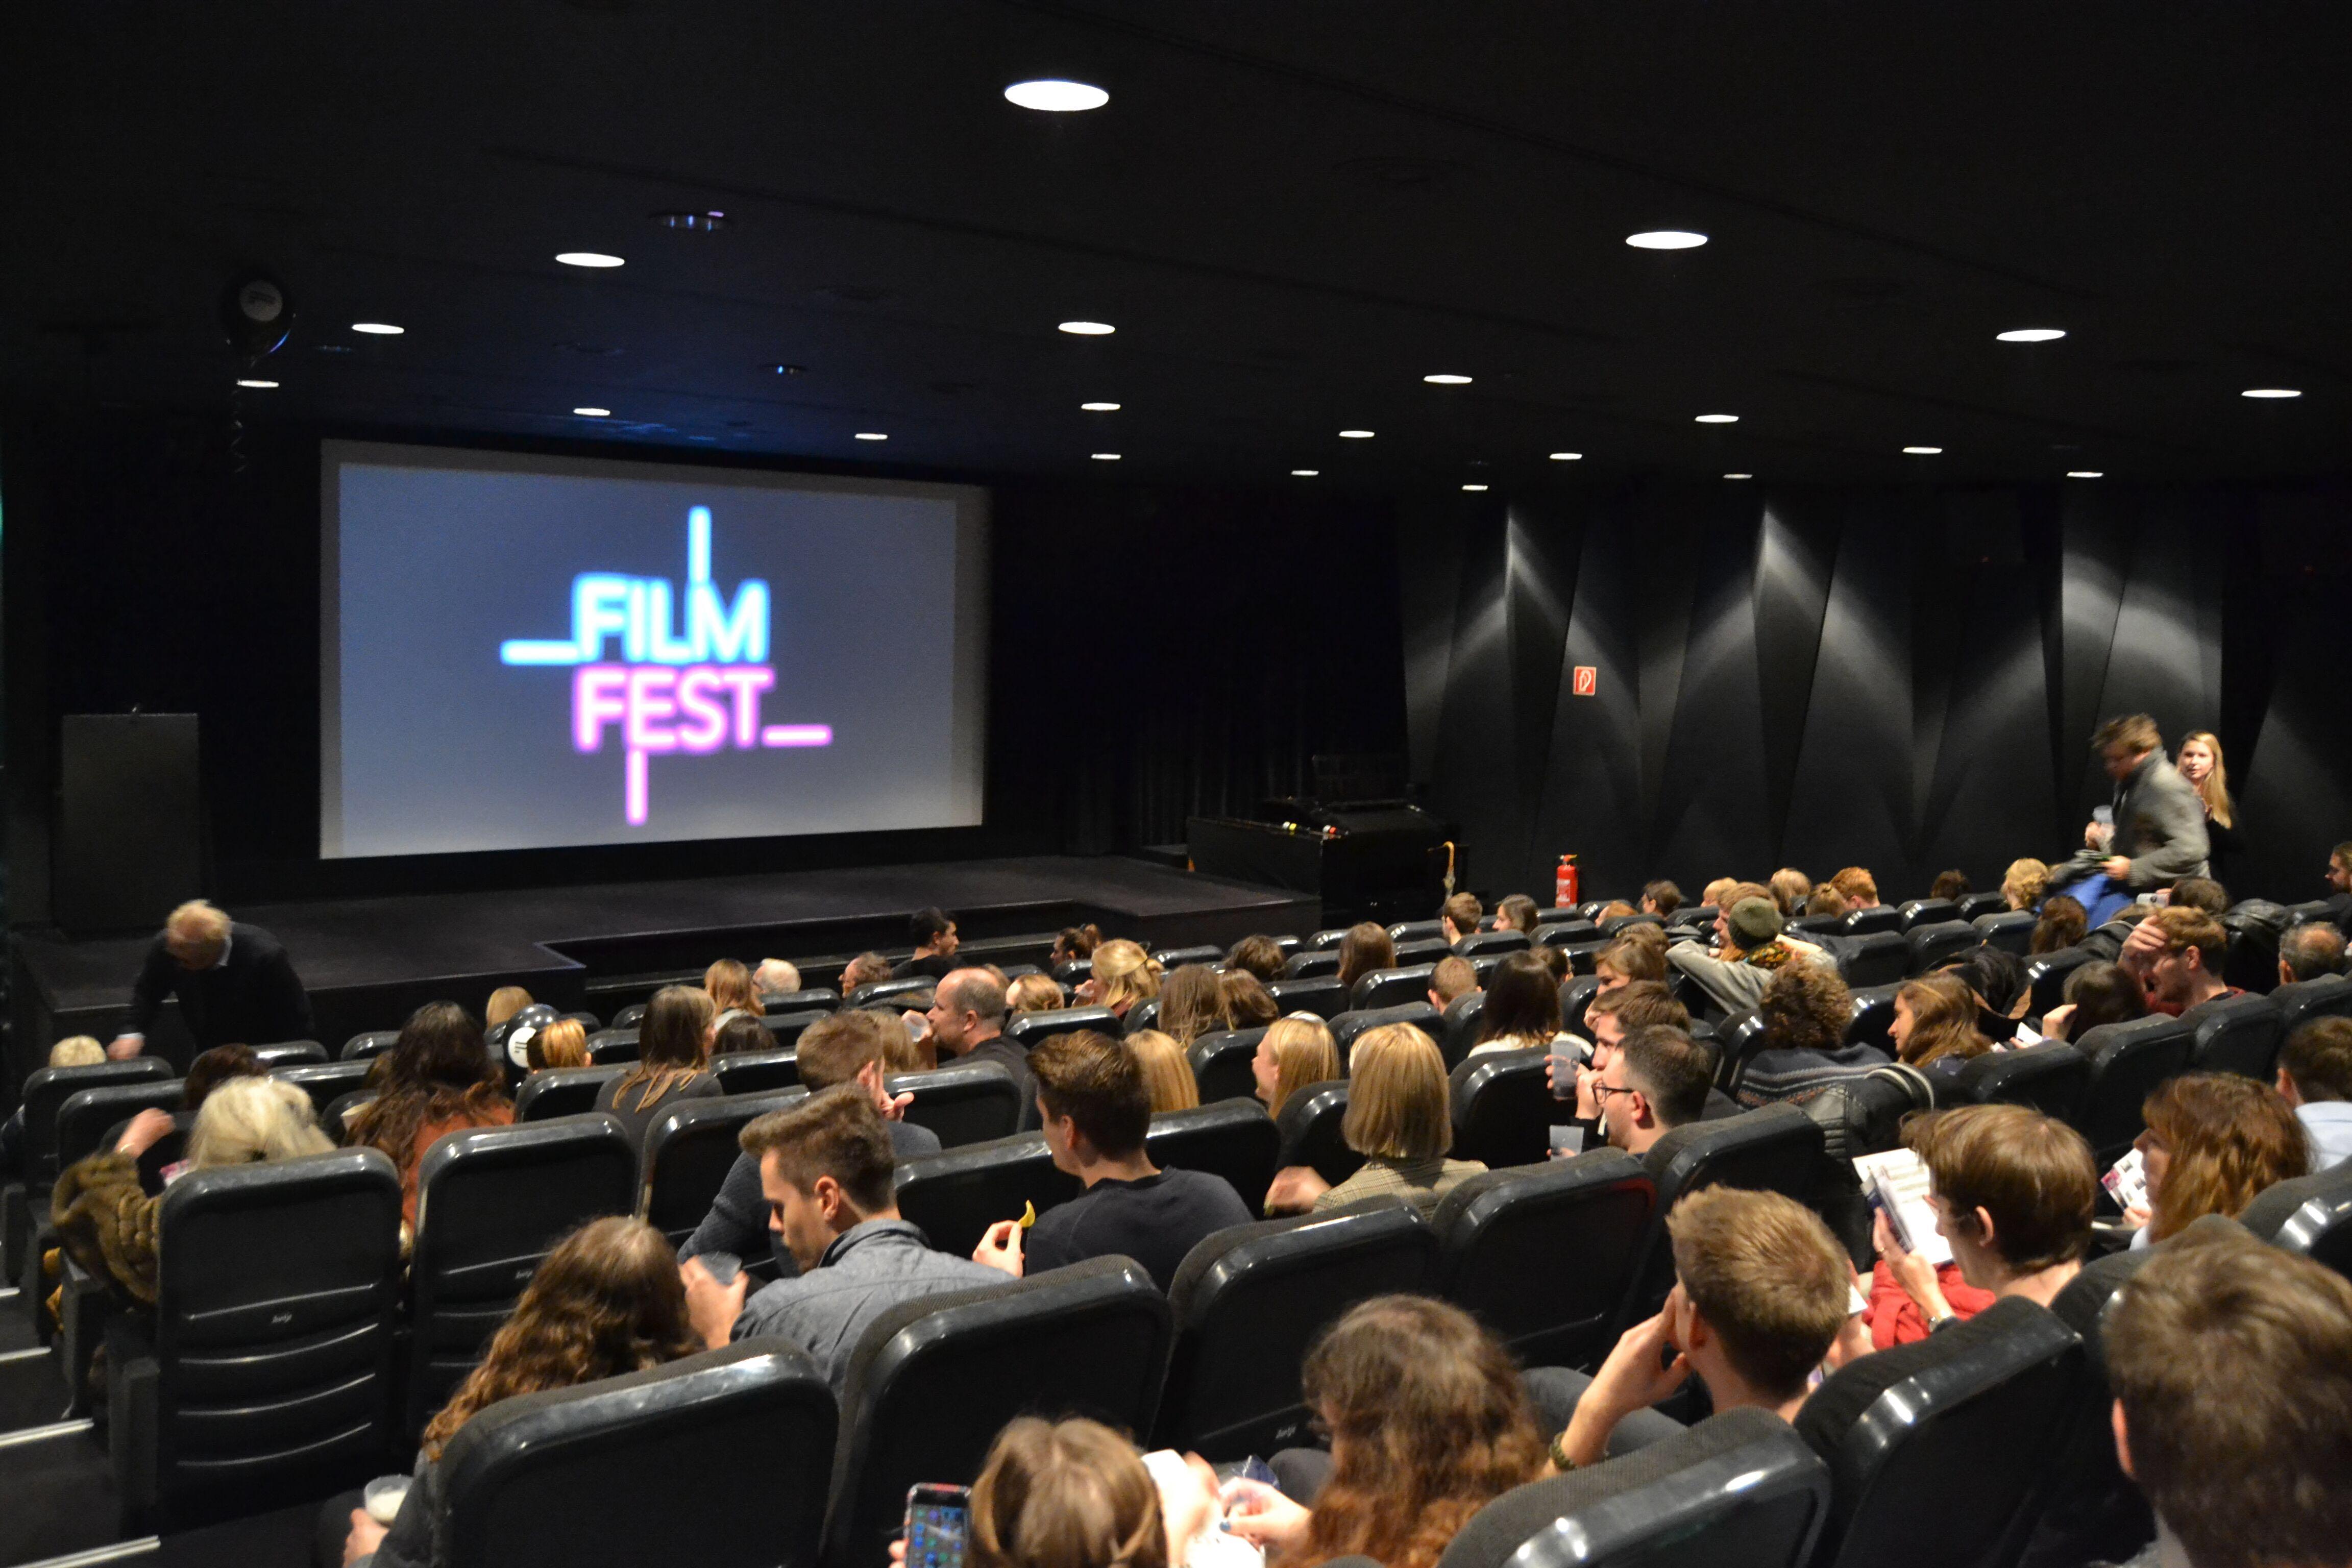 Recap 16. Filmfest 2018